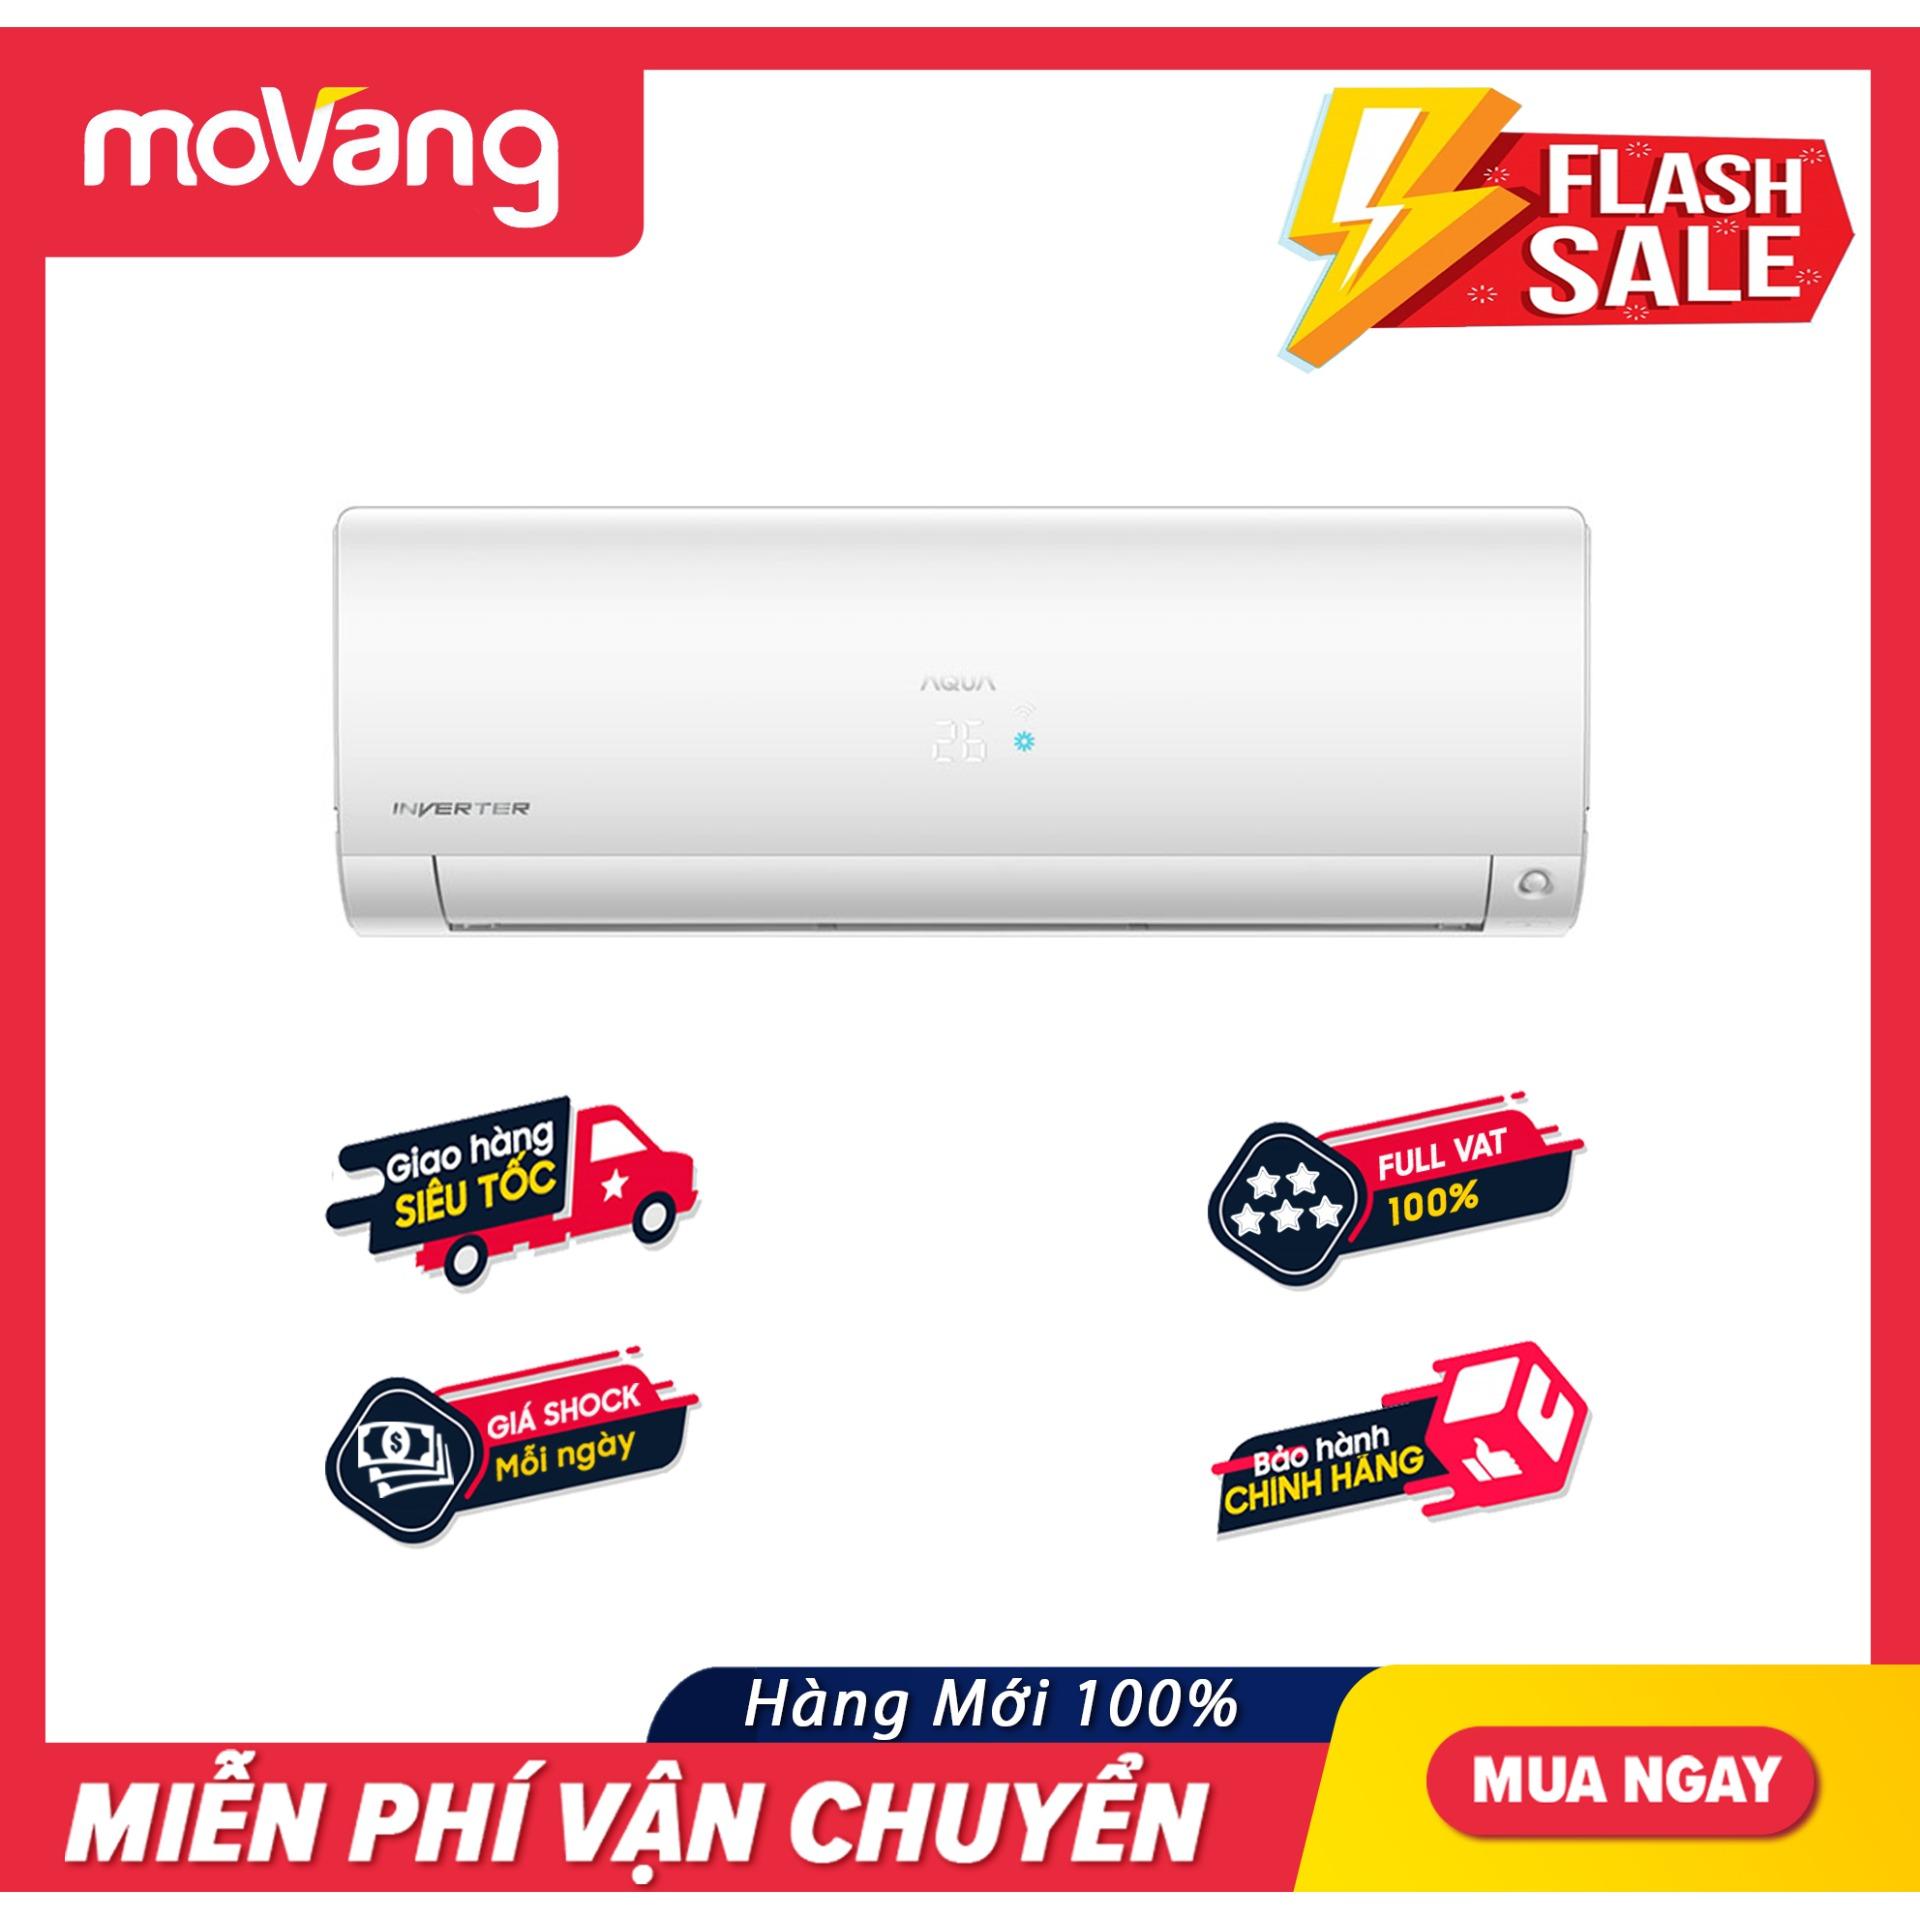 Bảng giá Máy Lạnh Aqua Inverter 1 HP AQA-KCRV10FB - Công suất Làm lạnh 9200 BTU, Bộ lọc khử mùiCông nghệ tự làm sạch thông minh AQUA FRESH